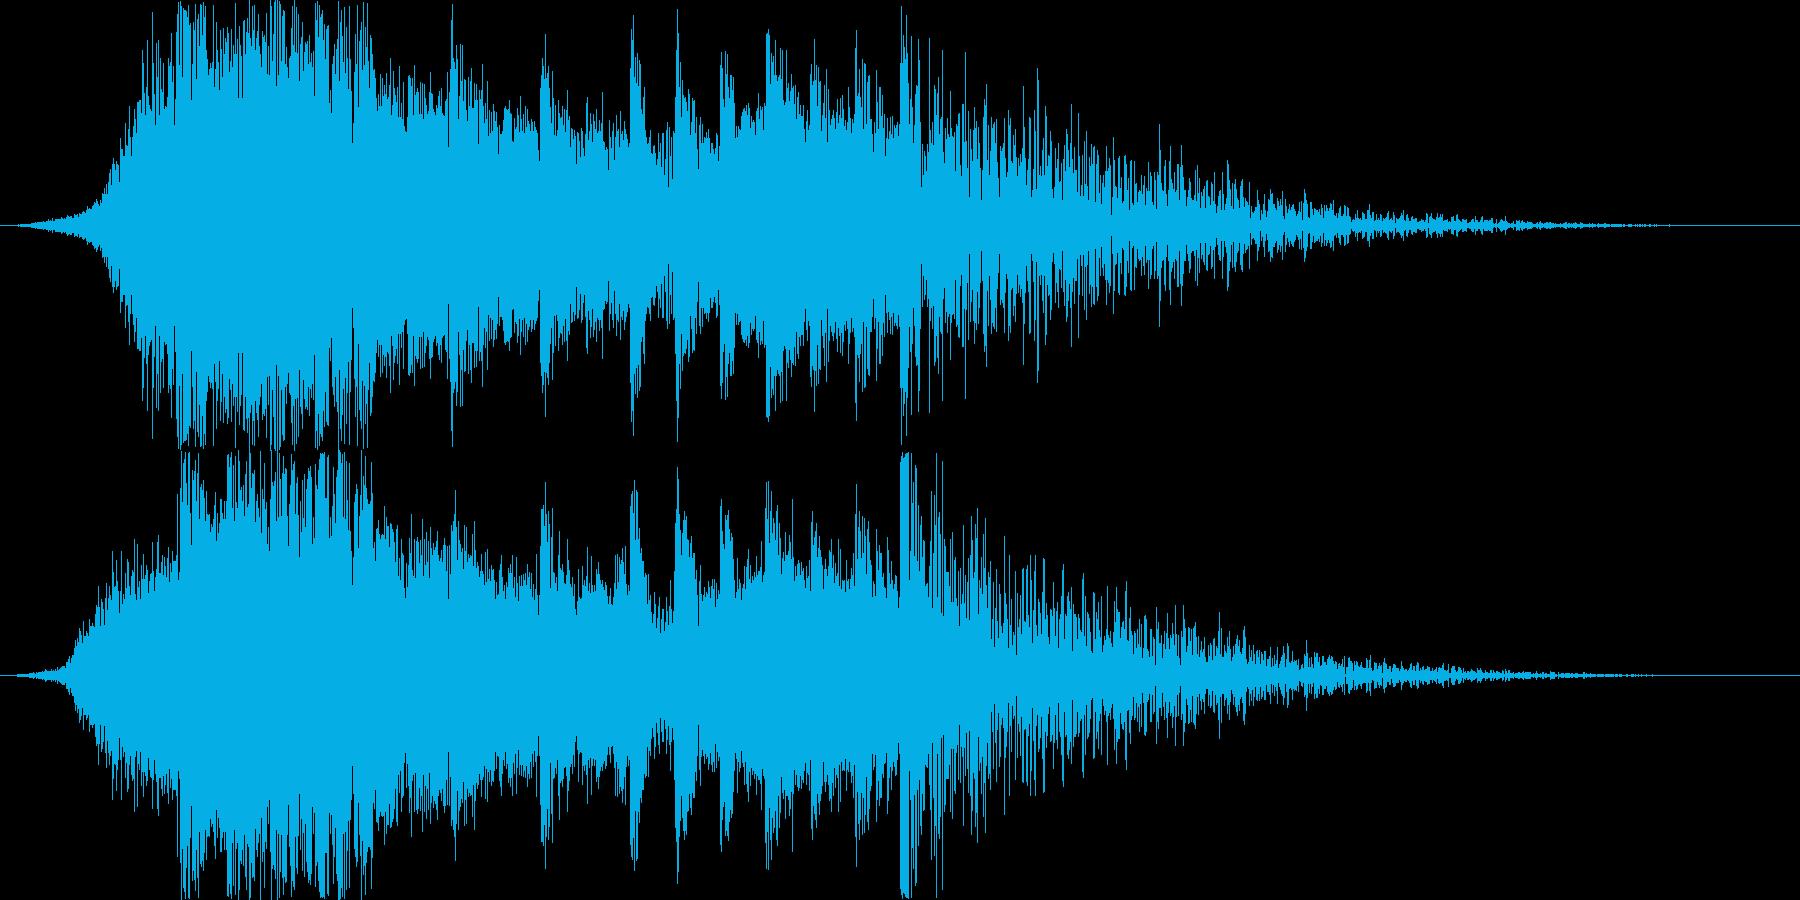 ドラムとピアノが印象的なダブステップの再生済みの波形